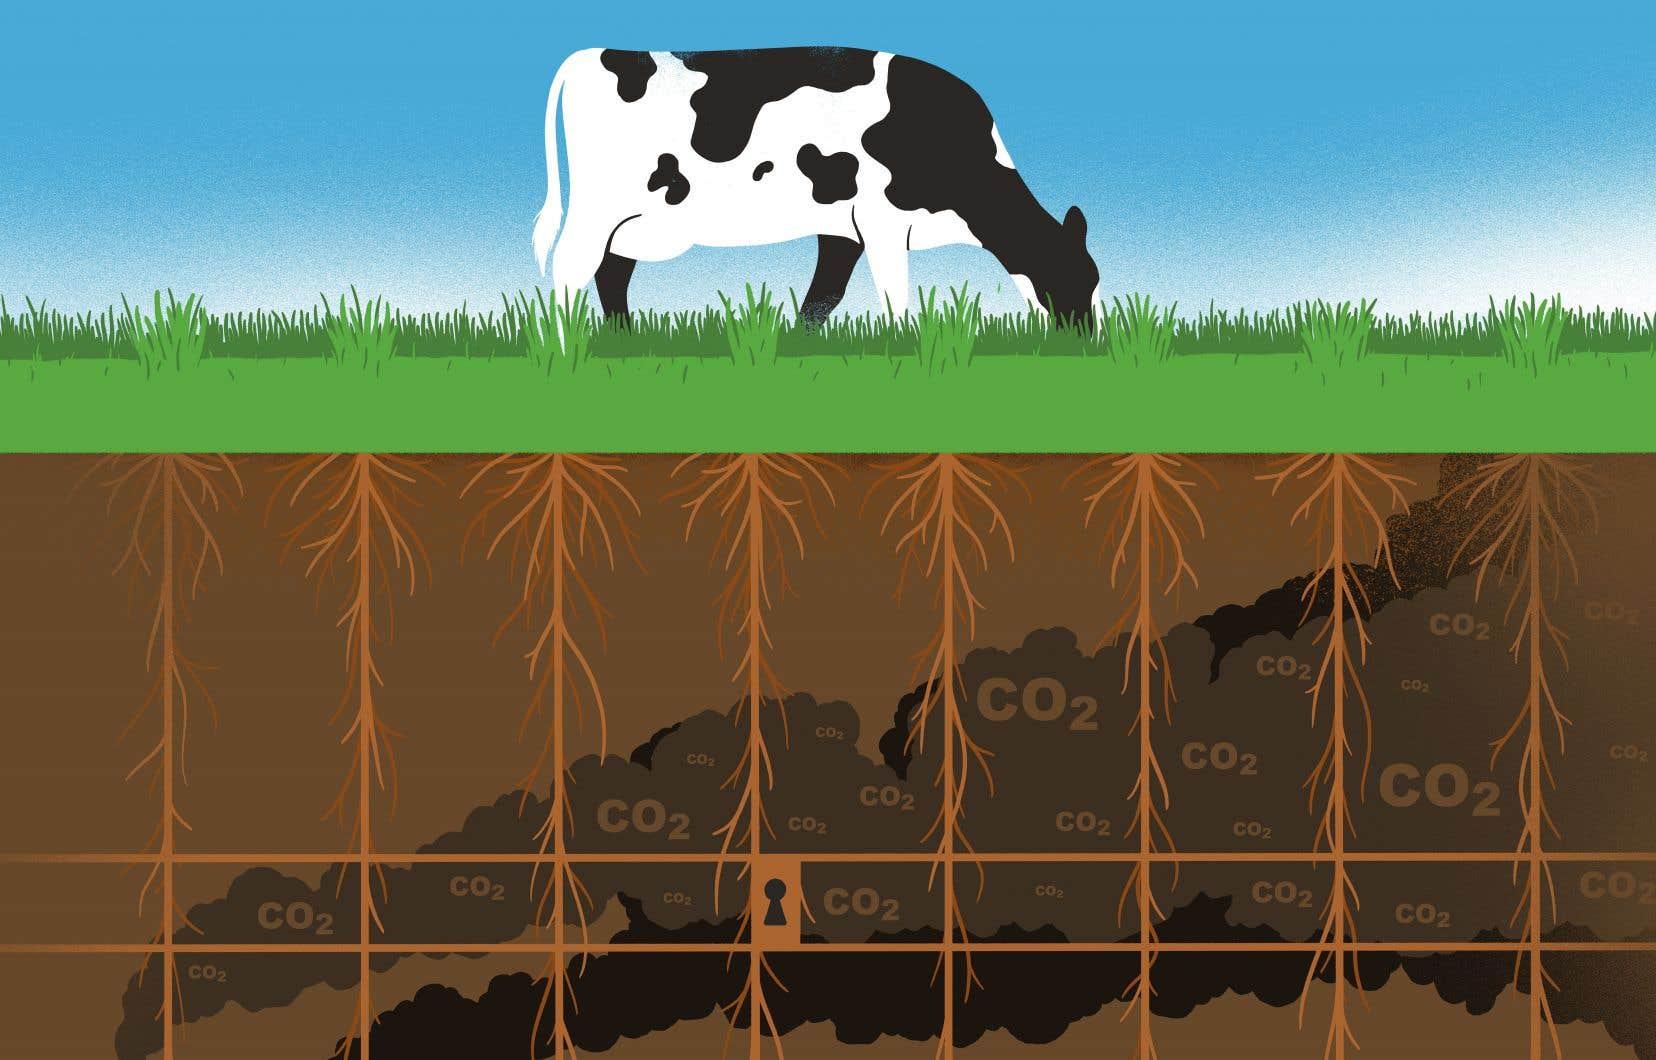 La réduction du travail du sol, la gestion des fumiers ou de la digestion des bovins font partie du coffre à outils du monde agricole pour réduire son impact sur le climat.